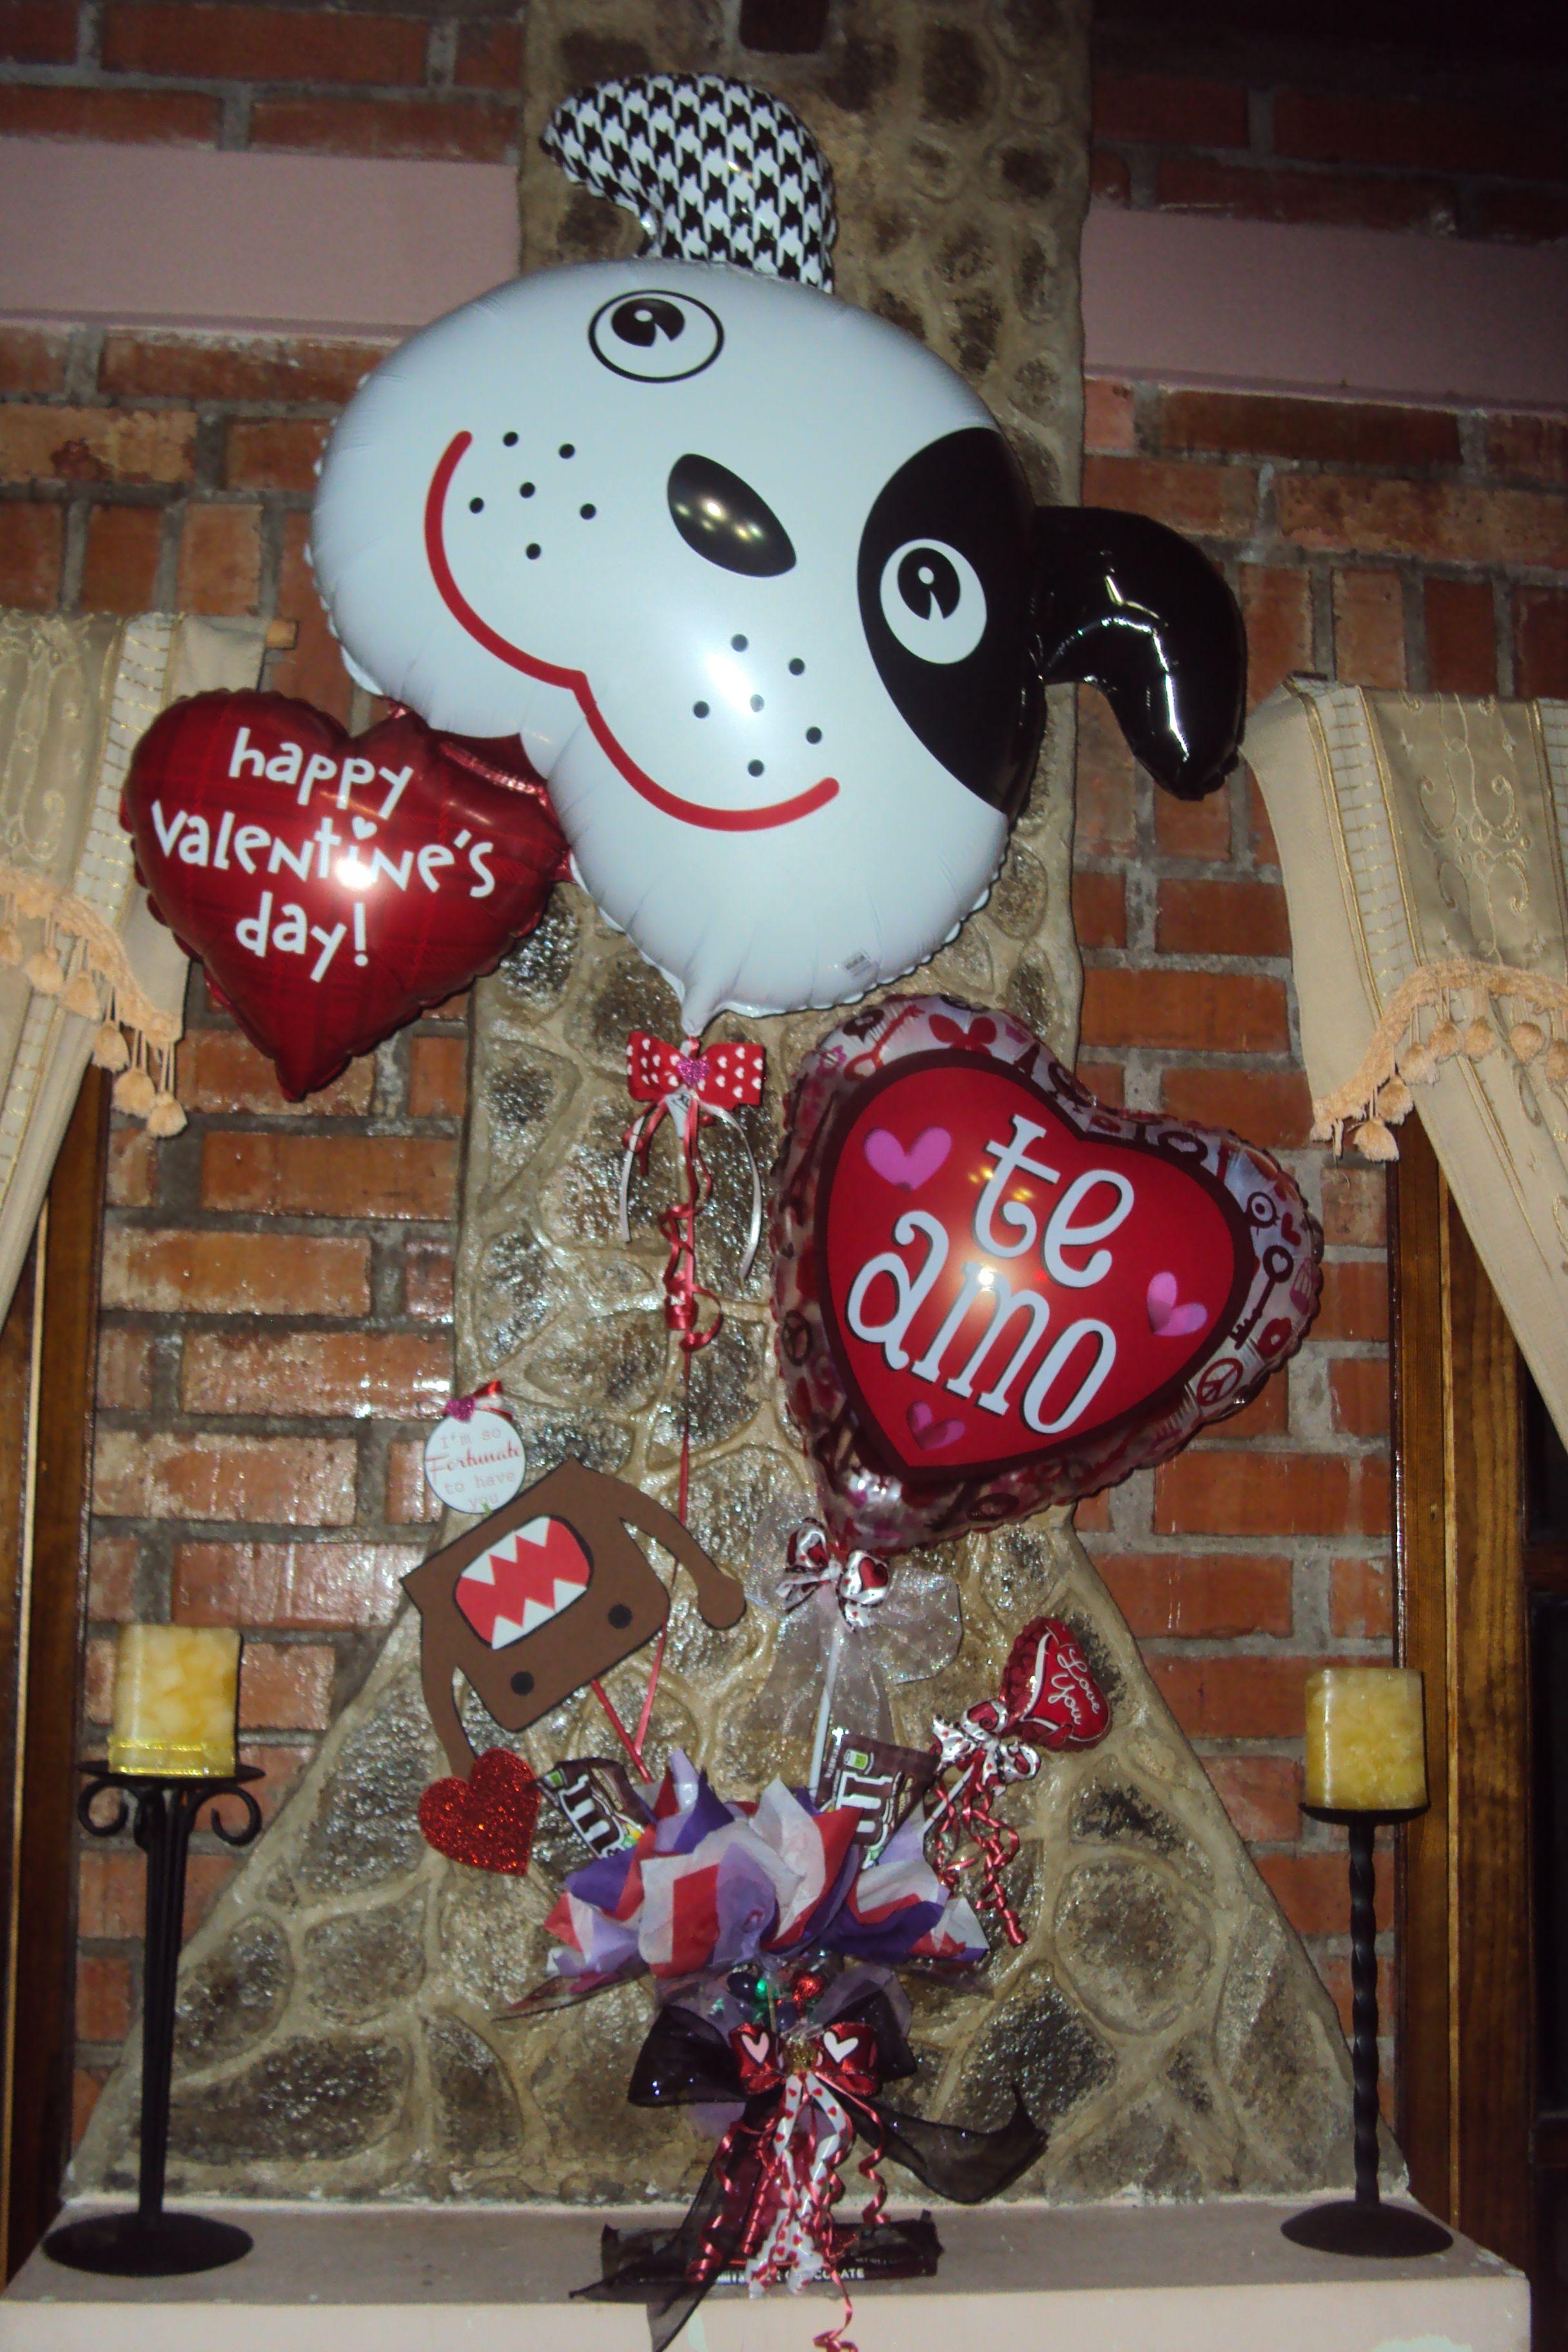 Arreglo de globos y dulces para día del amor y la amistad #valentines #love